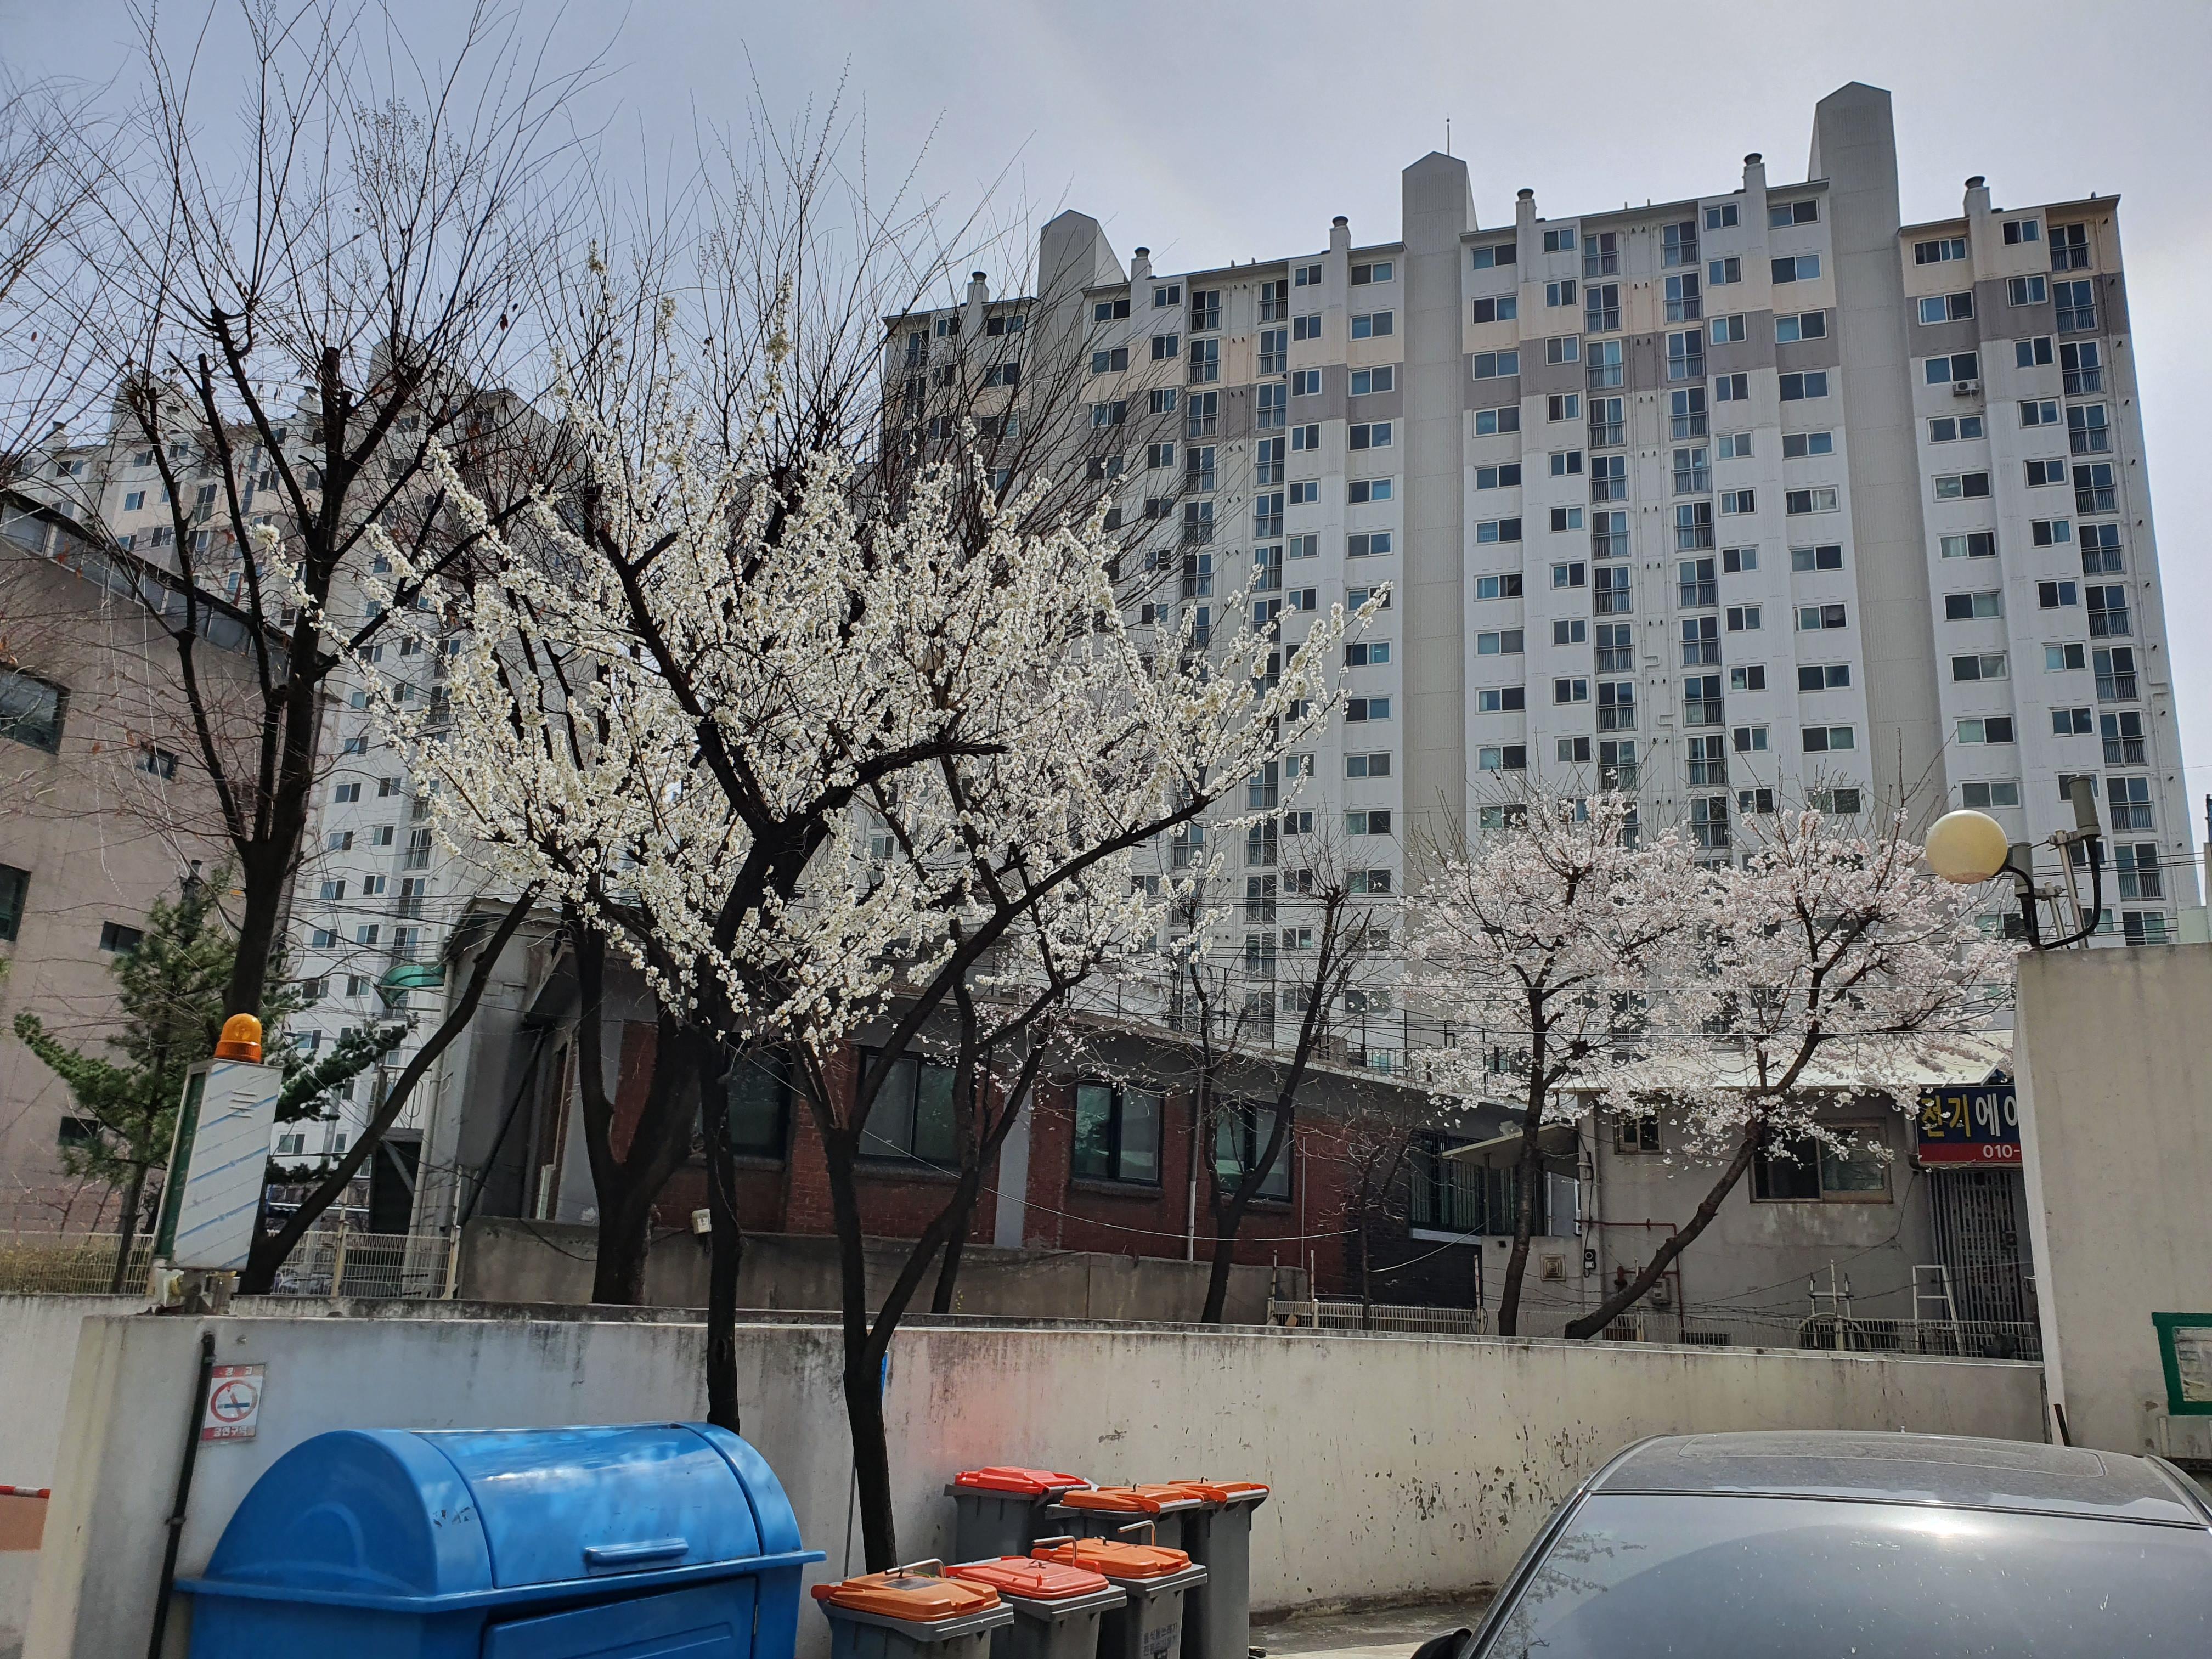 일주일만에 바깥 세상(1) : 곱게 피는 매화와 벚꽃